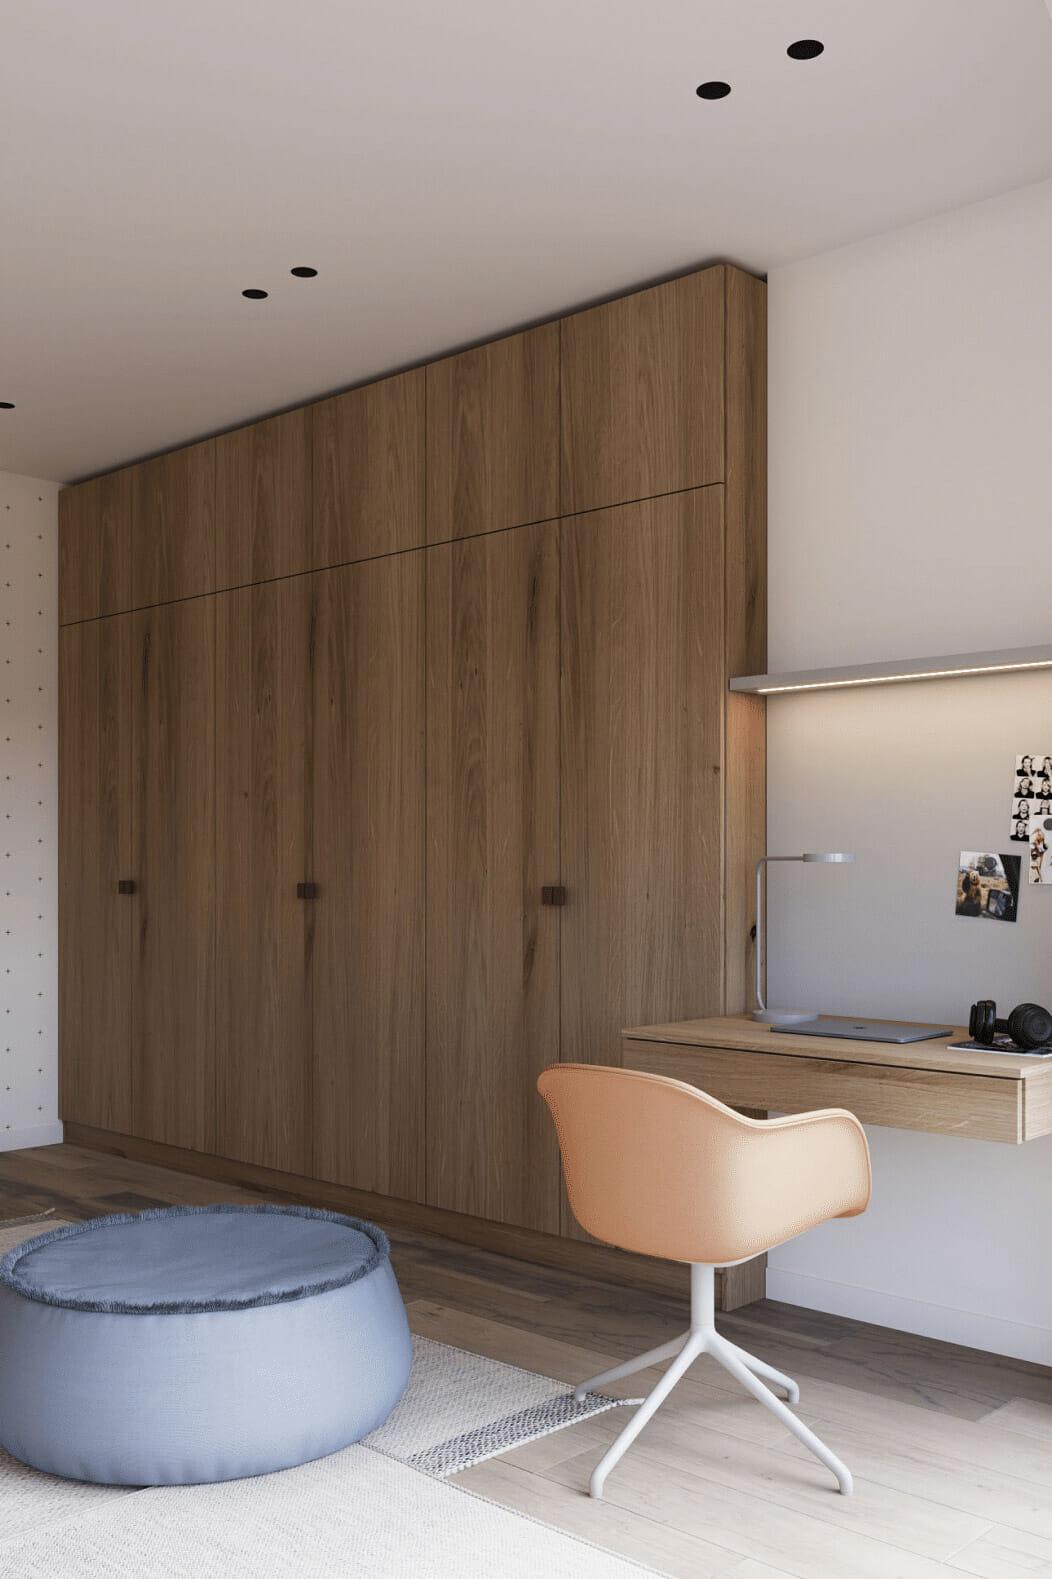 hình ảnh cận cảnh góc học tập, làm việc trong phòng ngủ nổi bật với ghế xoay màu cam